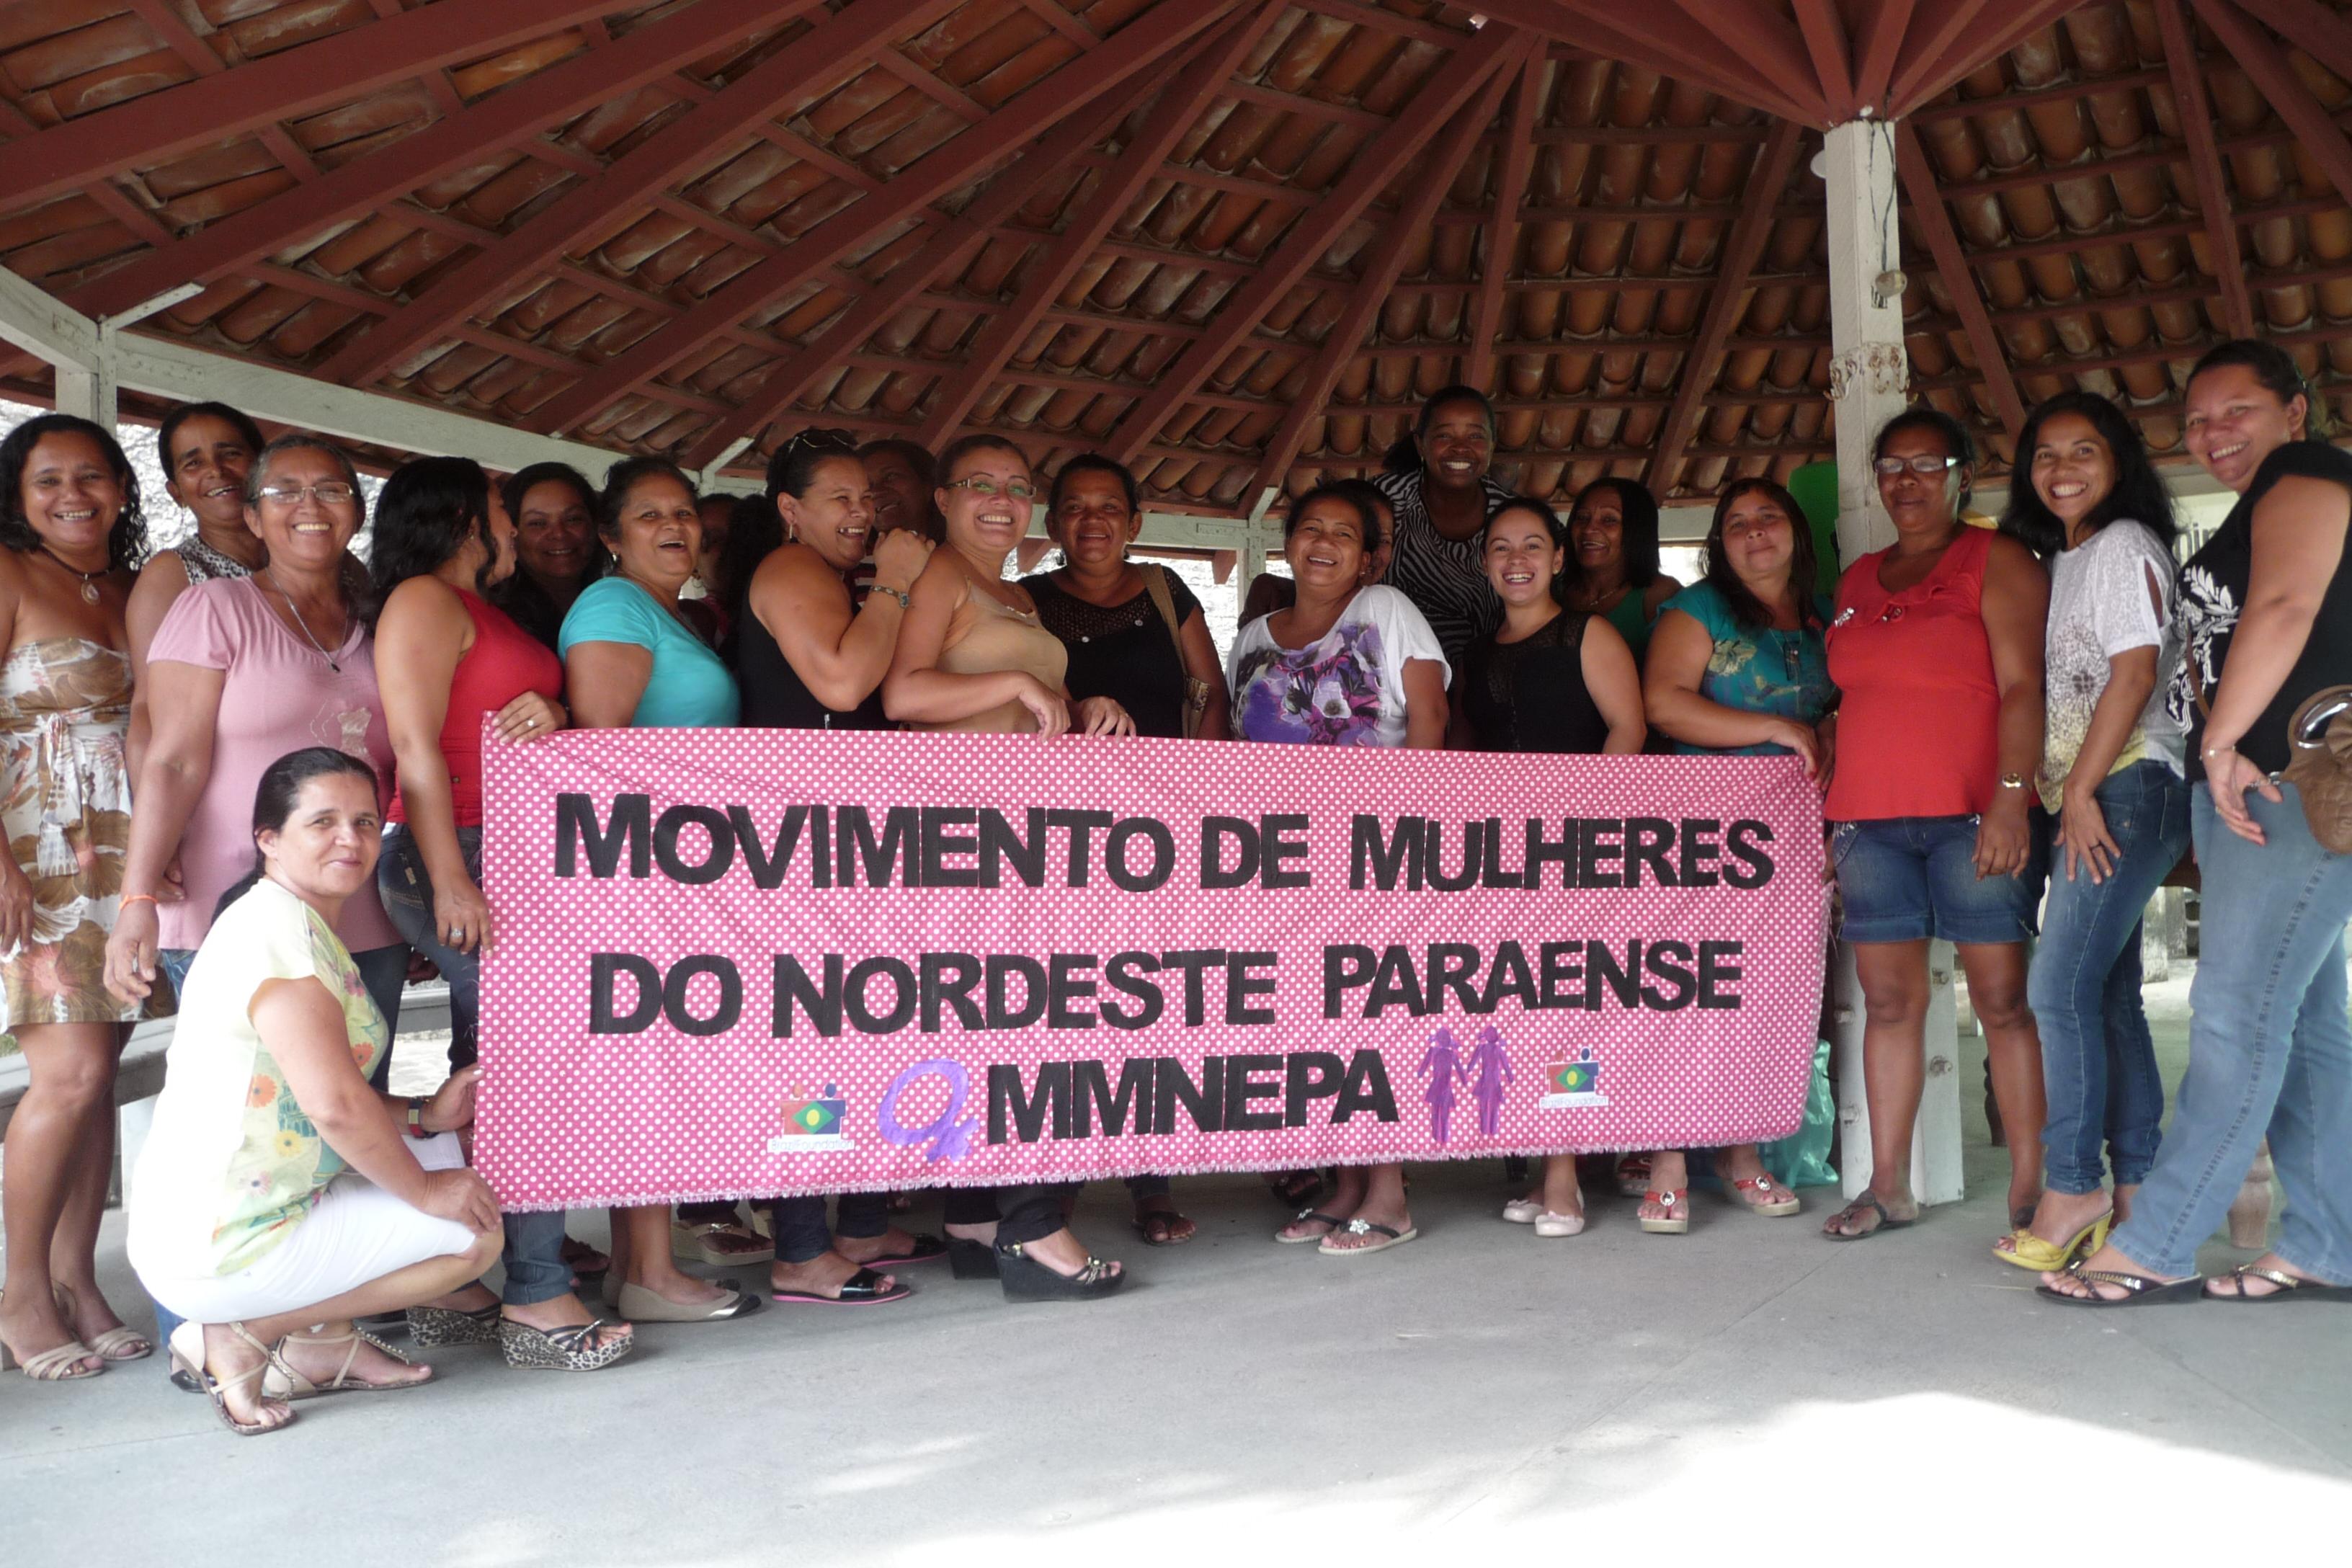 Fundação Banco do Brasil e ONU Mulheres vão apoiar entidades de mulheres no Pará/principios de empoderamento das mulheres planeta 50 50 onu mulheres ods noticias mulheres rurais mulheres quilombolas mulheres indigenas direitosdasmulheres